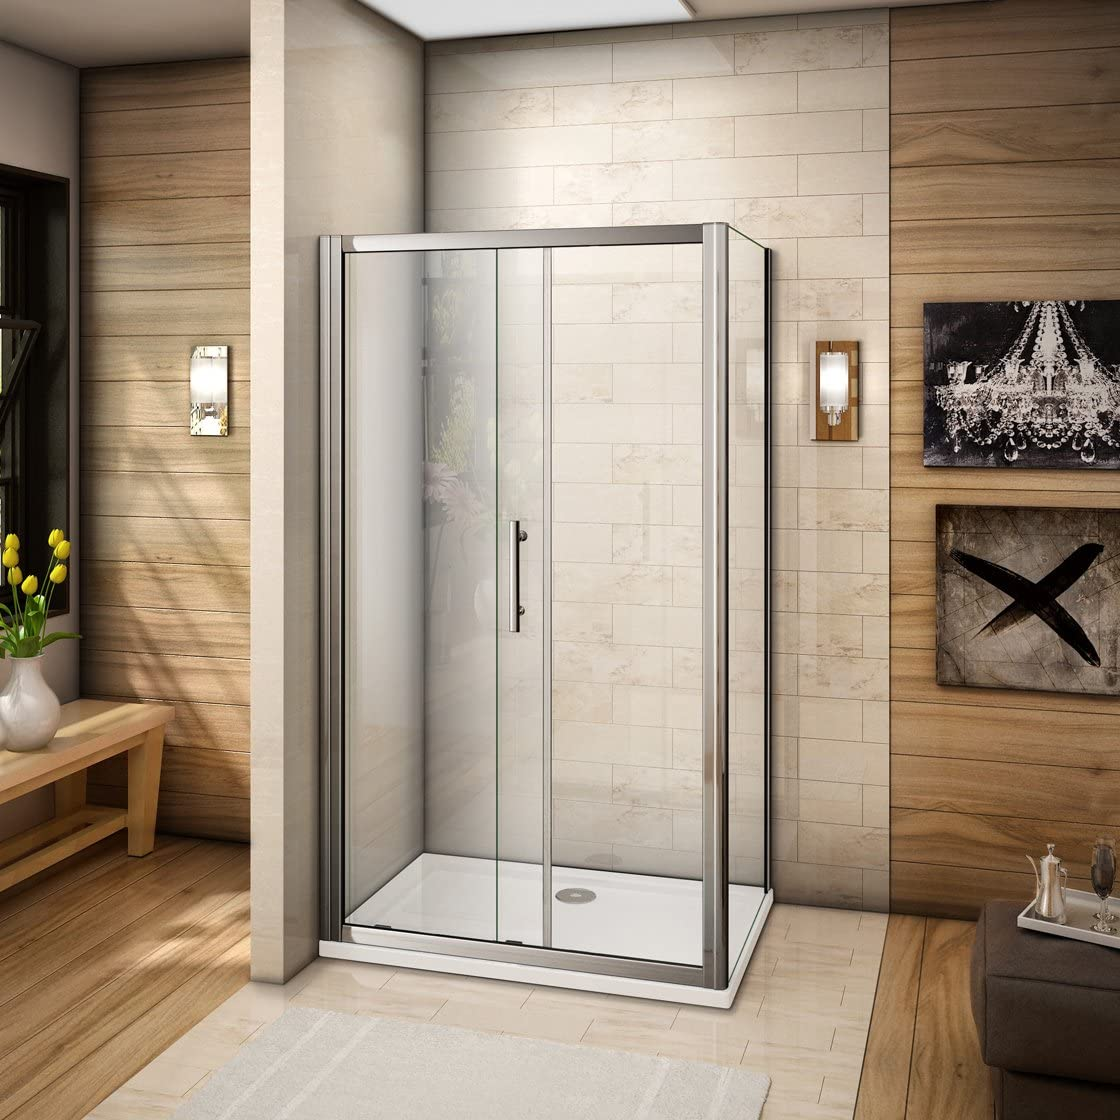 Mampara de ducha mamparas de baño corredera puerta cristal ...